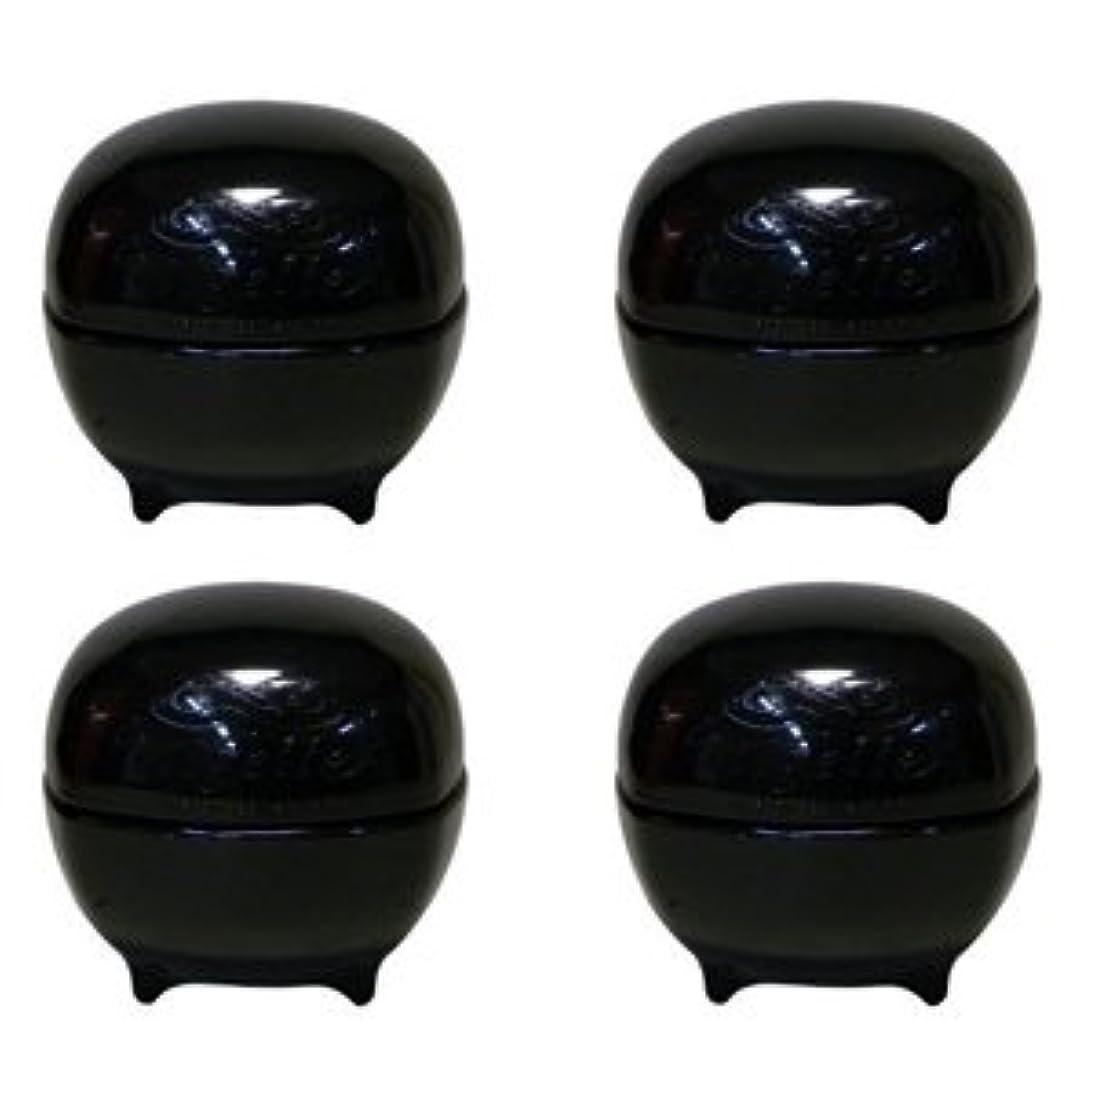 インカ帝国蒸発名誉【X4個セット】 ミルボン ニゼル グラスプワックス 80g (ニゼルドレシアコレクション) GRASP WAX MILBON